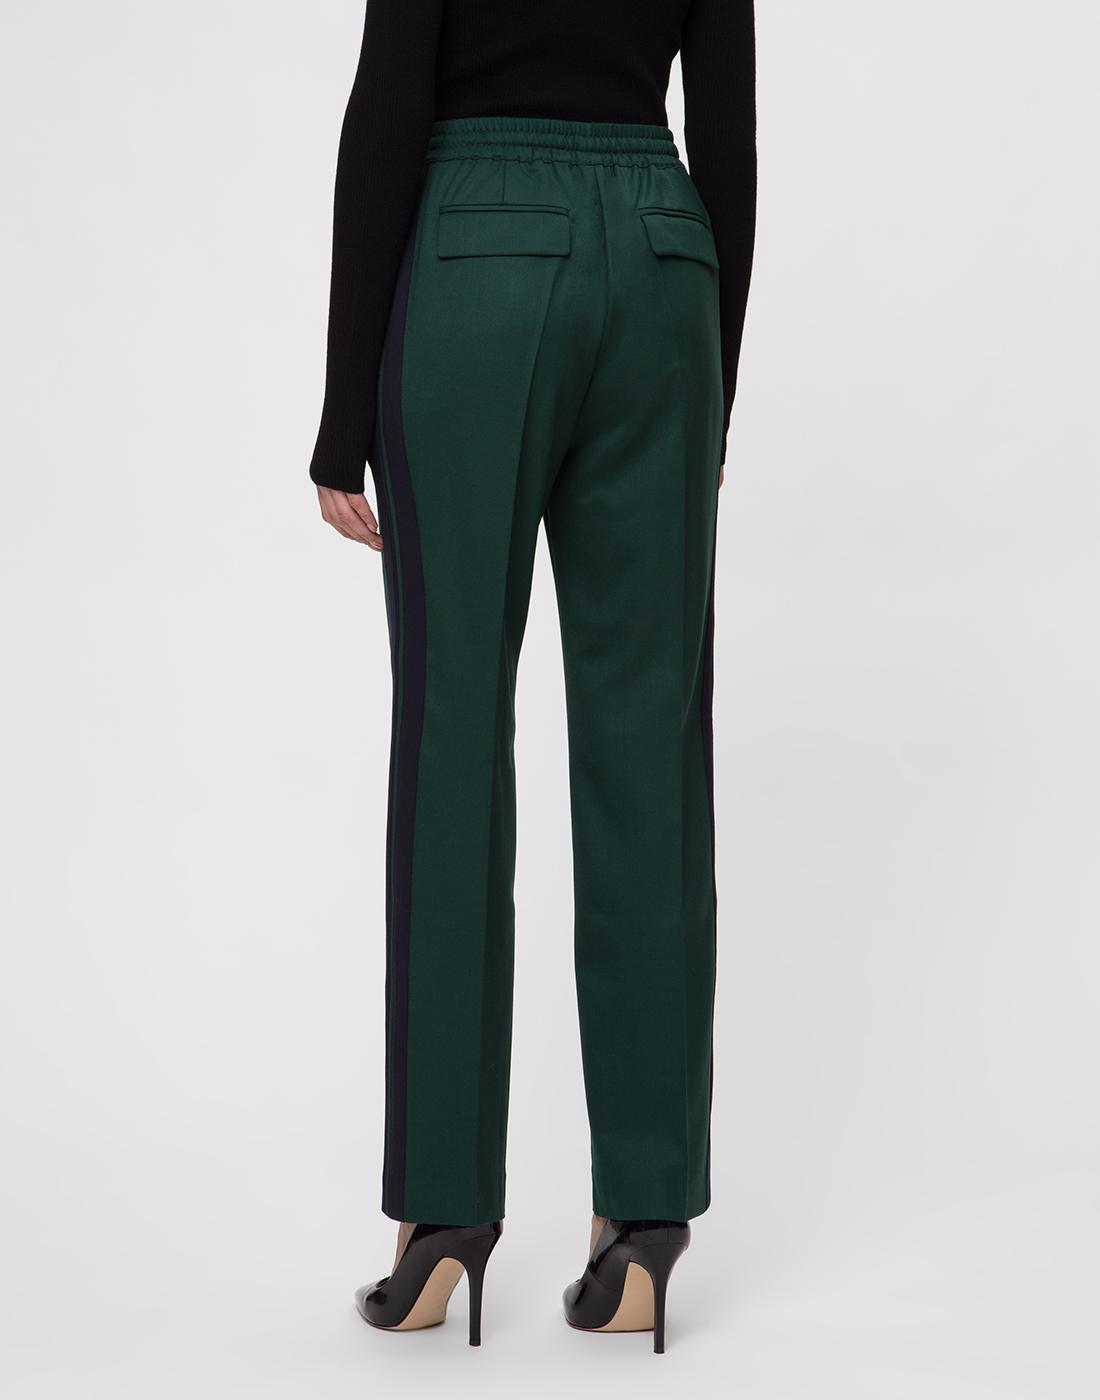 Женские зеленые шерстяные брюки P.A.R.O.S.H. SLILIU D230313-4